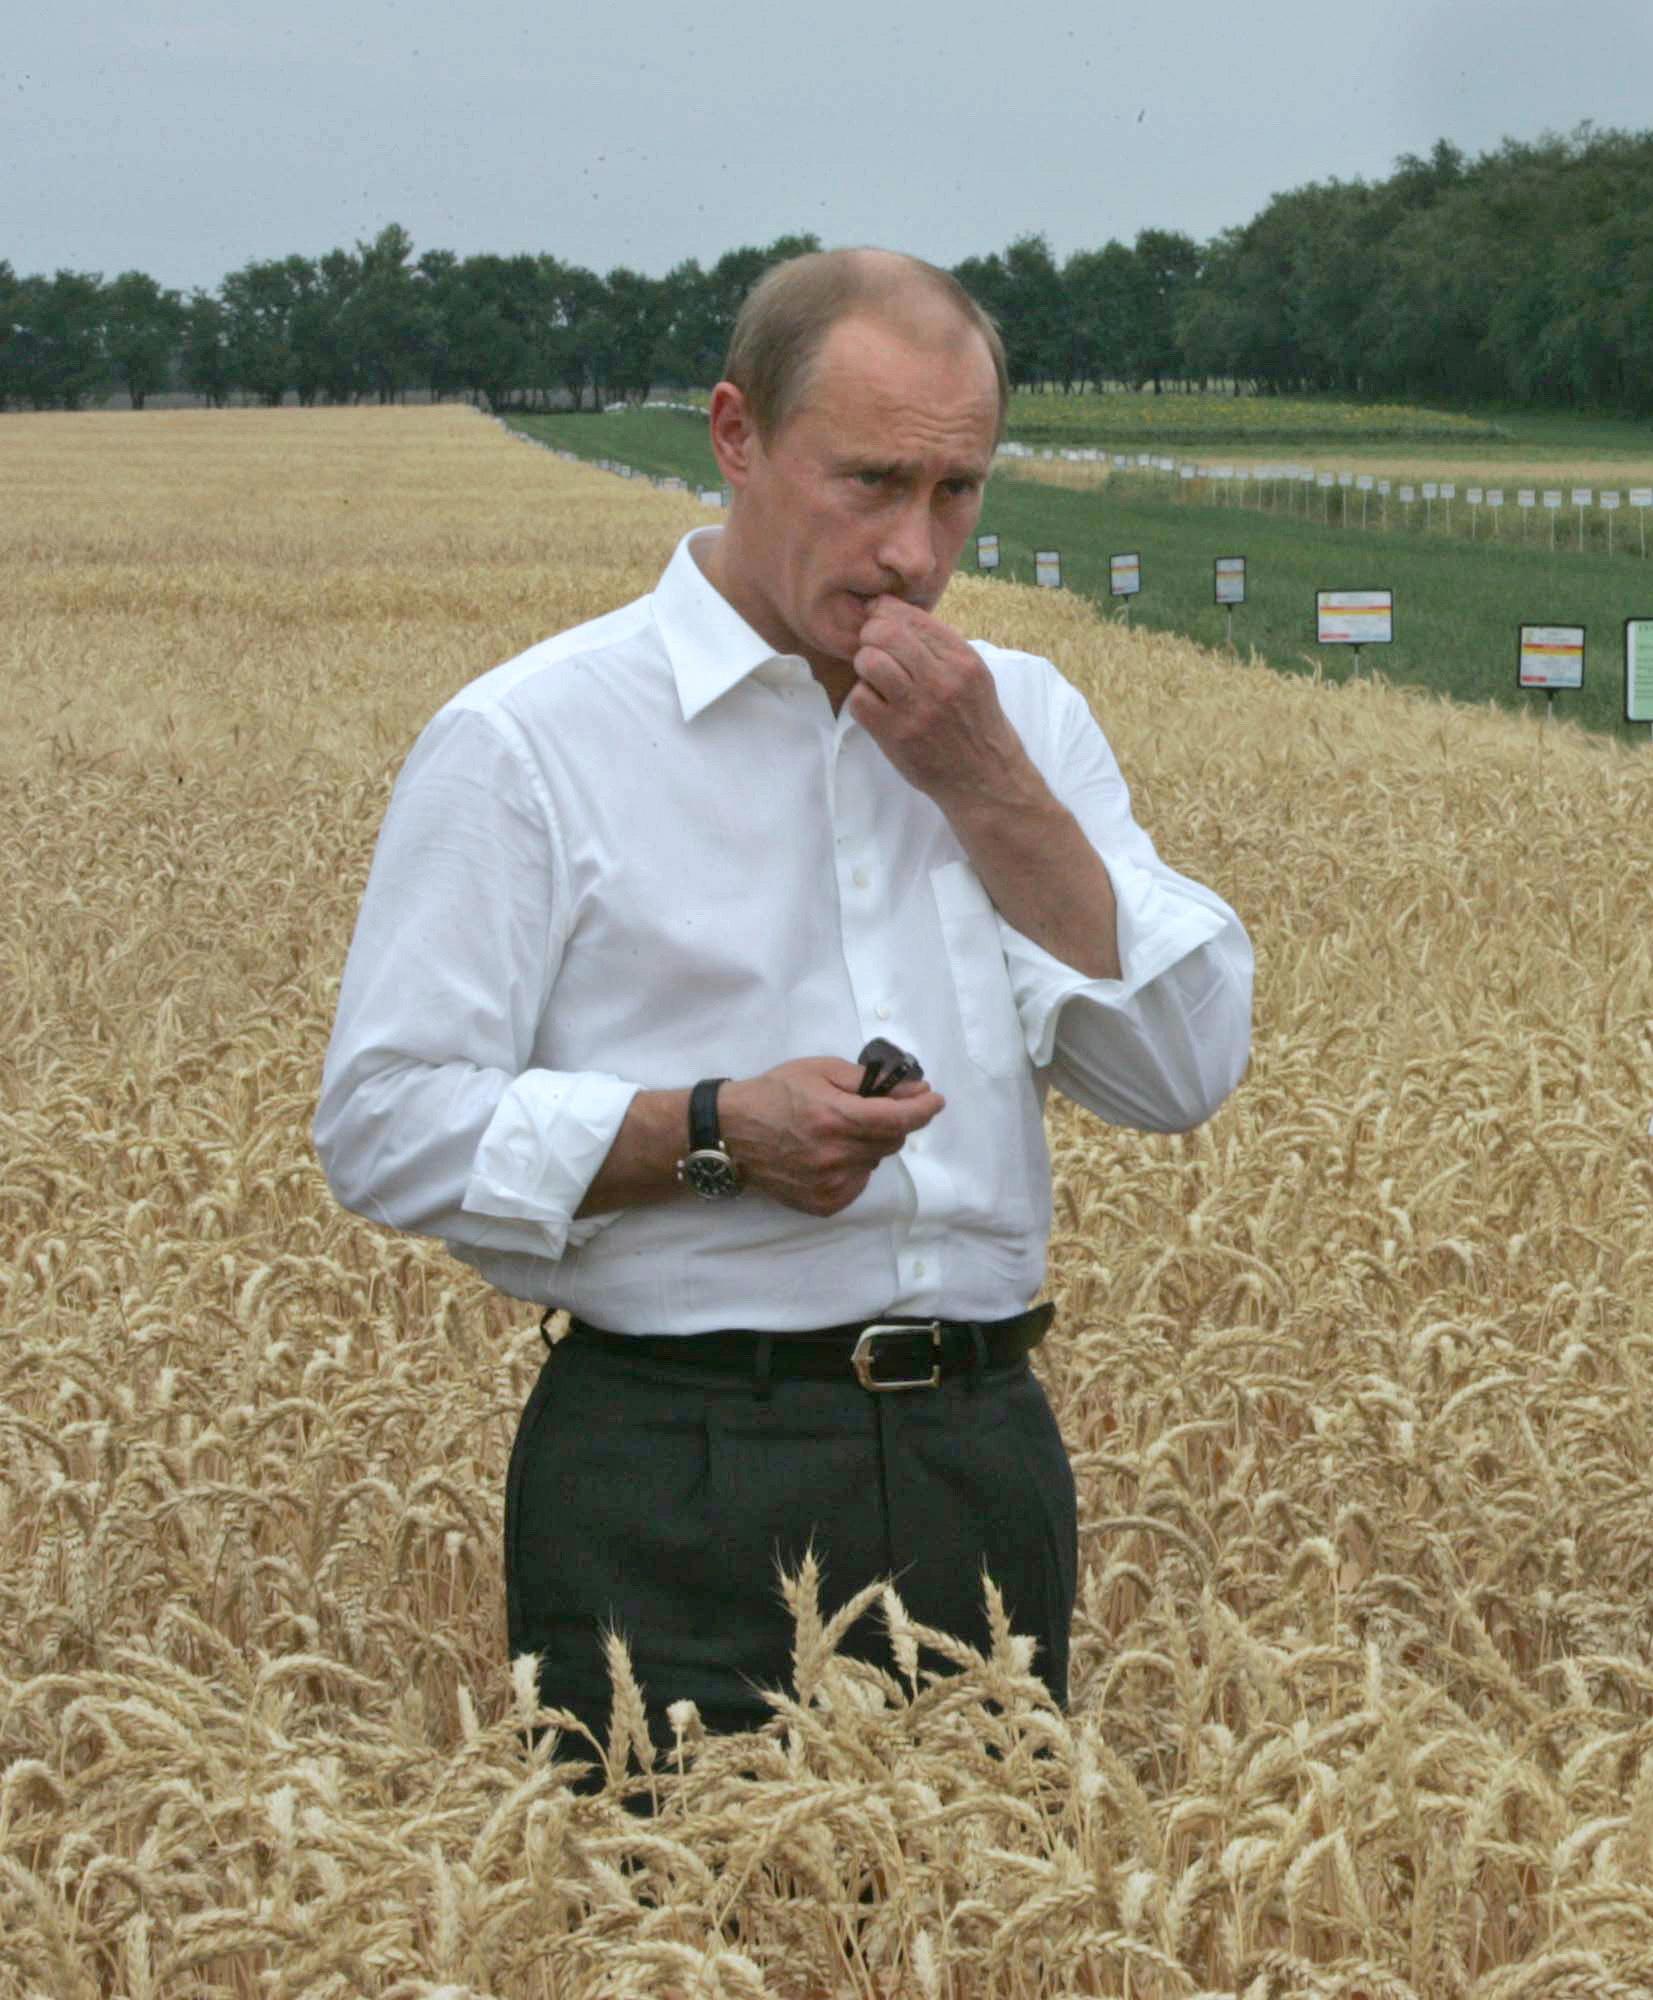 2007년 6월 30일, 농업박람회에 참가한 푸틴이 밀밭에 들어갔다. [AFP=연합뉴스]